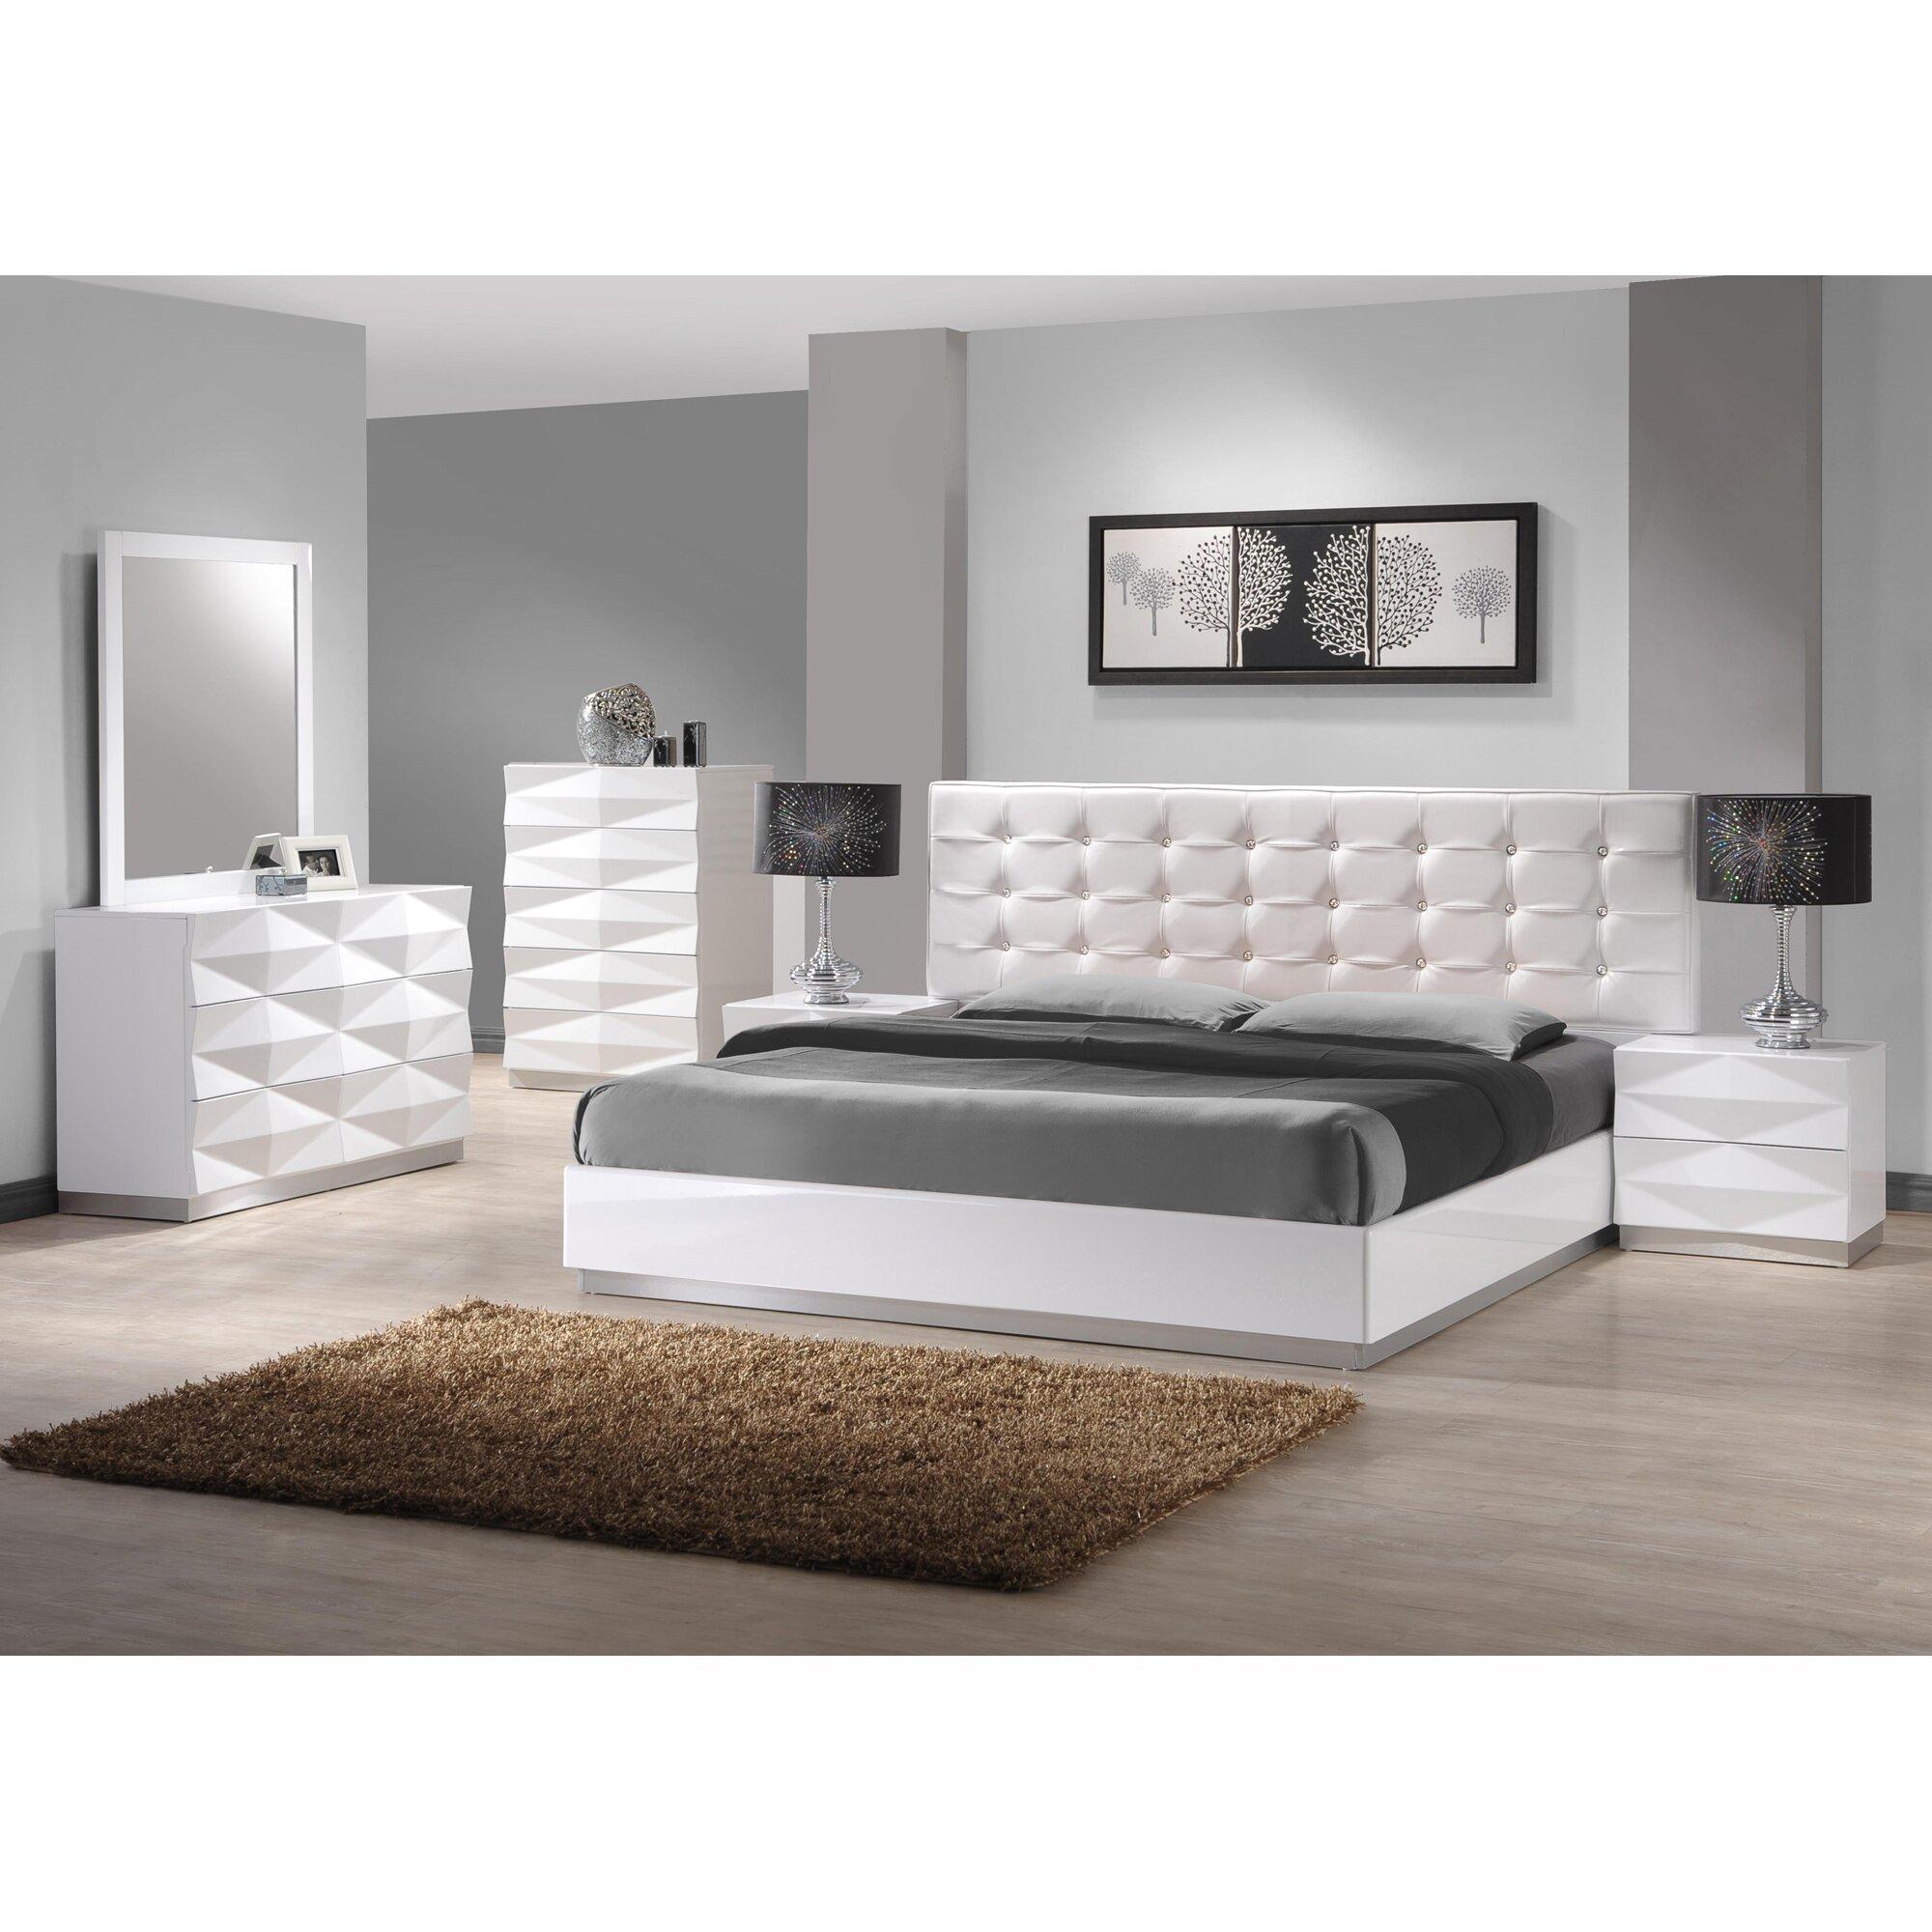 Bedroom Furniture Set Leather Bedroom Furniture Sets Wandaericksoncom